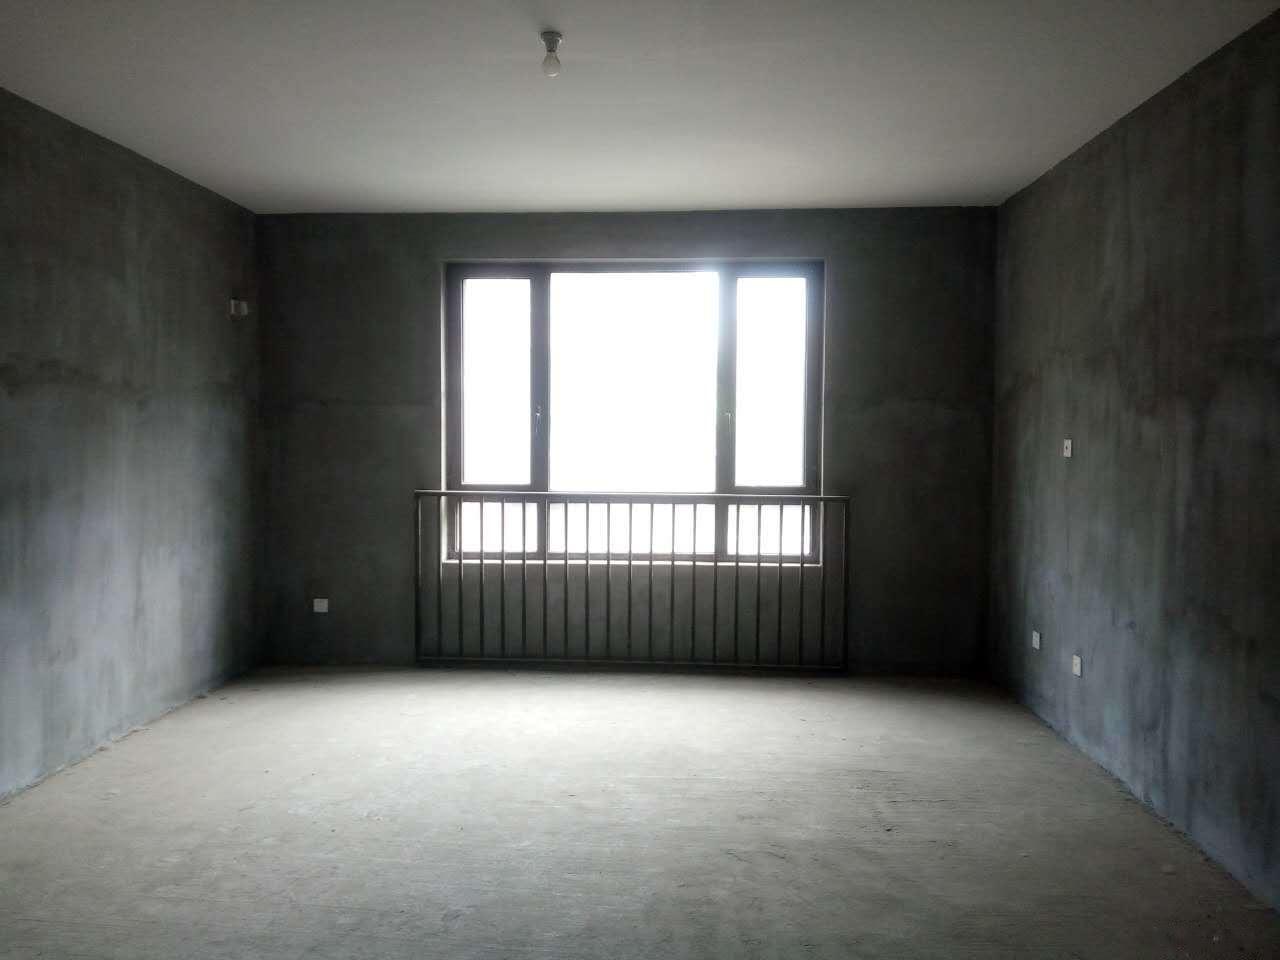 锦业路绿地诺丁山别墅 五室毛坯 联排 证在手 随时看房